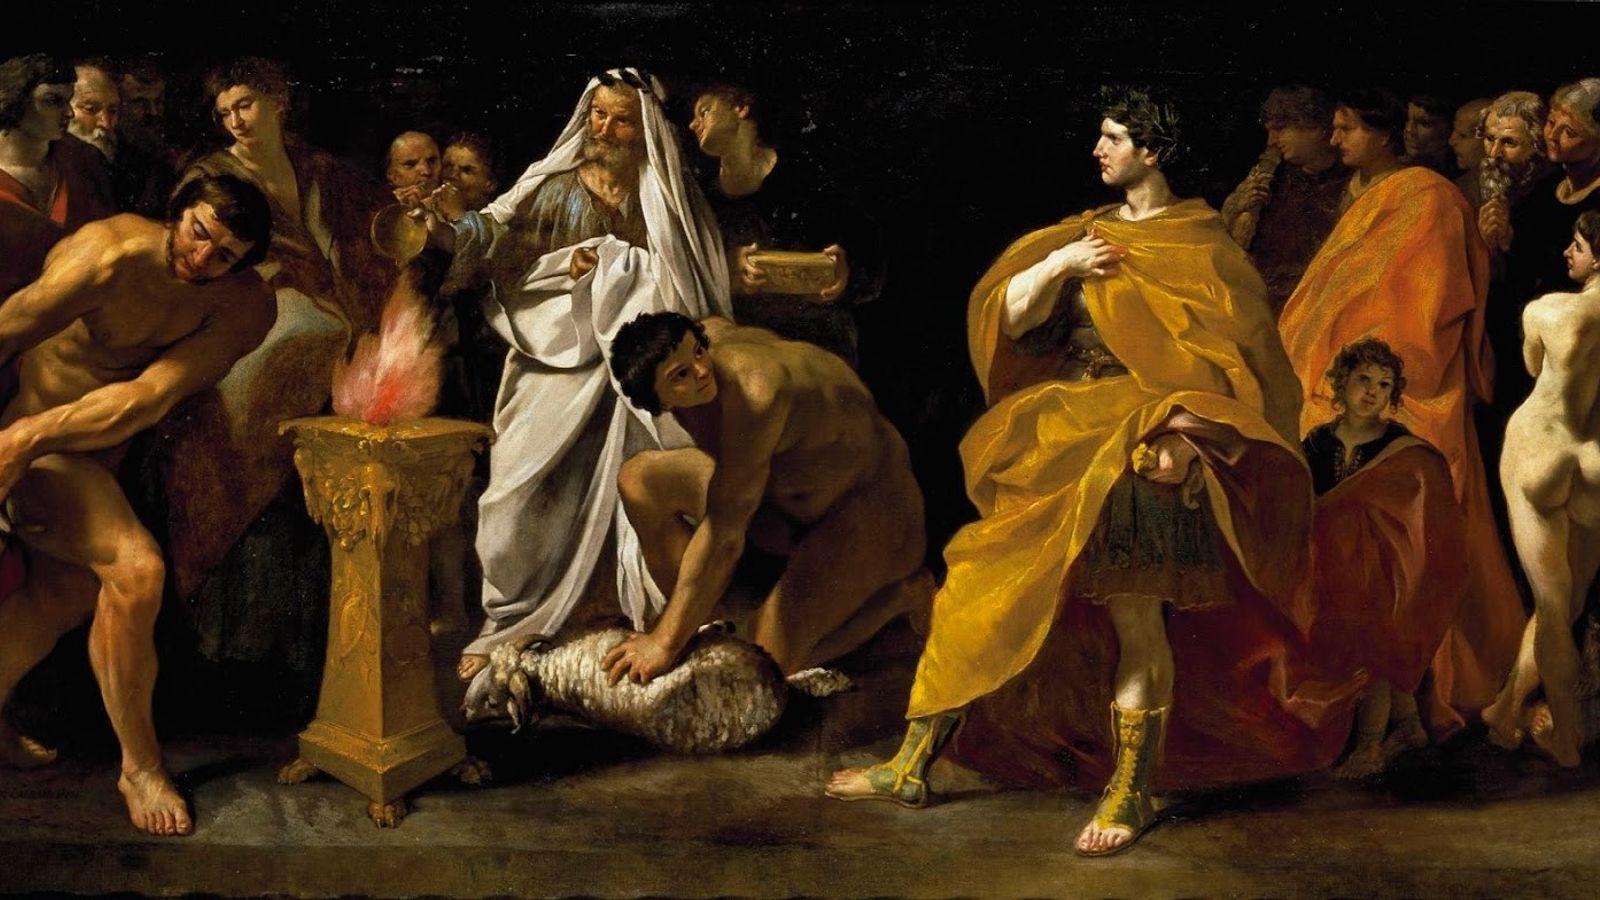 Cette peinture de Giovanni di Stefano Lanfranco représente une scène de sacrifice devant un empereur. Un ...